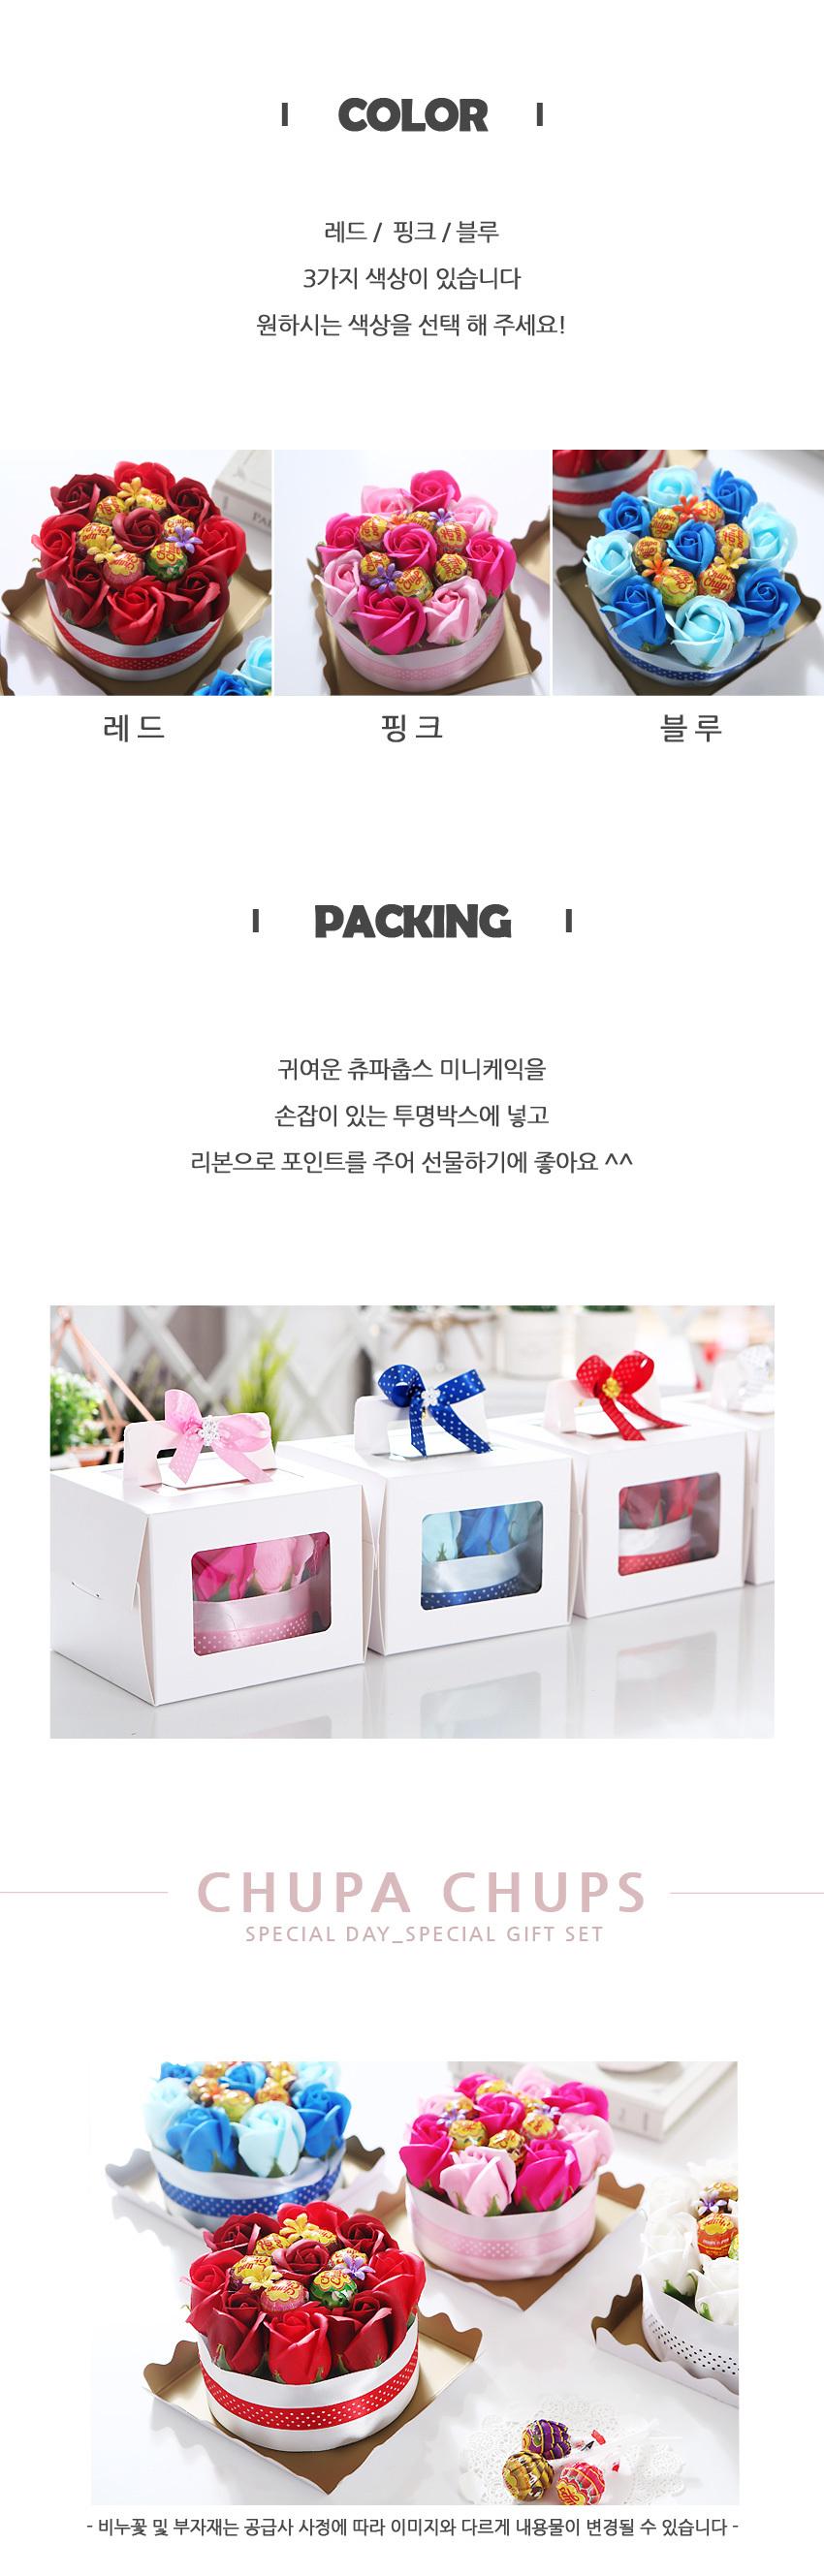 츄파춥스 미니케익(레드) 발렌타인데이 화이트데이 - 알사탕닷컴, 19,000원, 초콜릿/사탕, 사탕